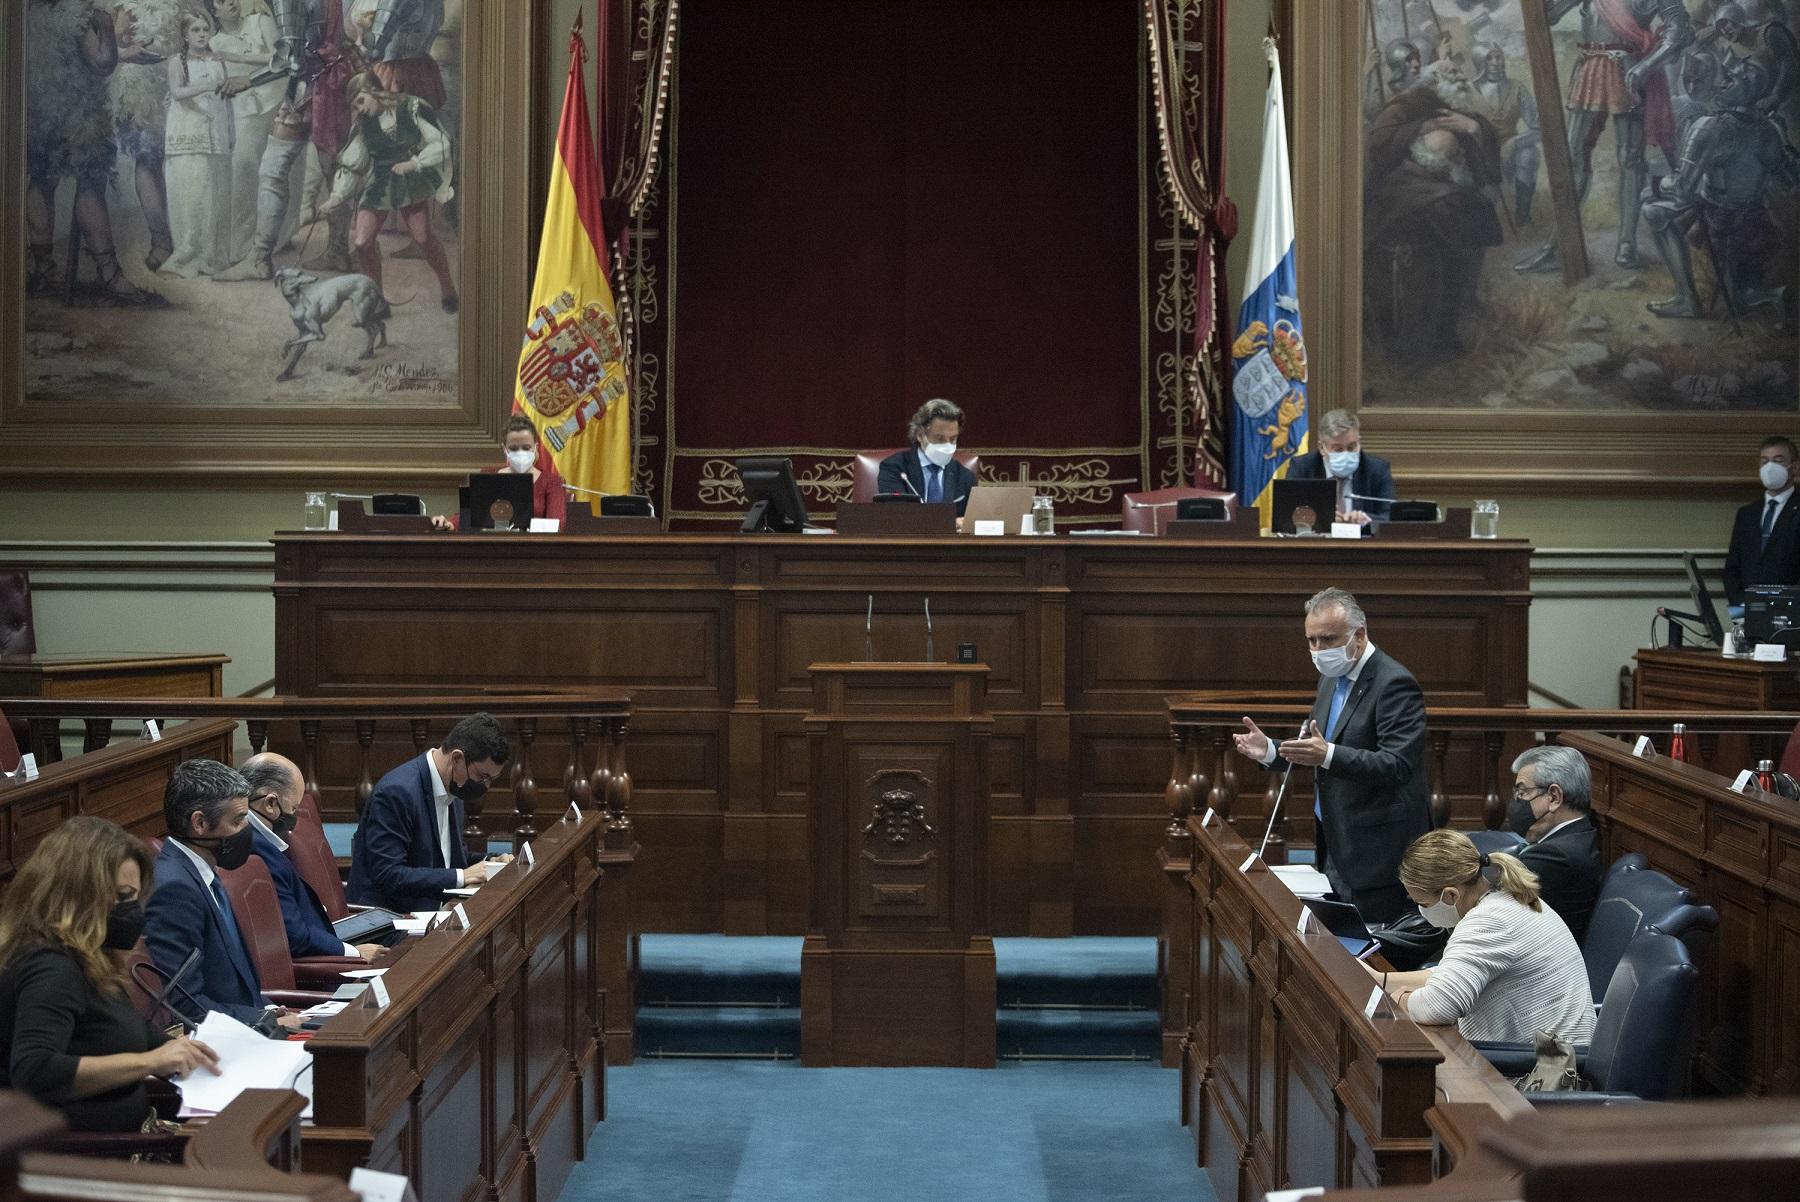 Ángel Víctor Torres en el Parlamento